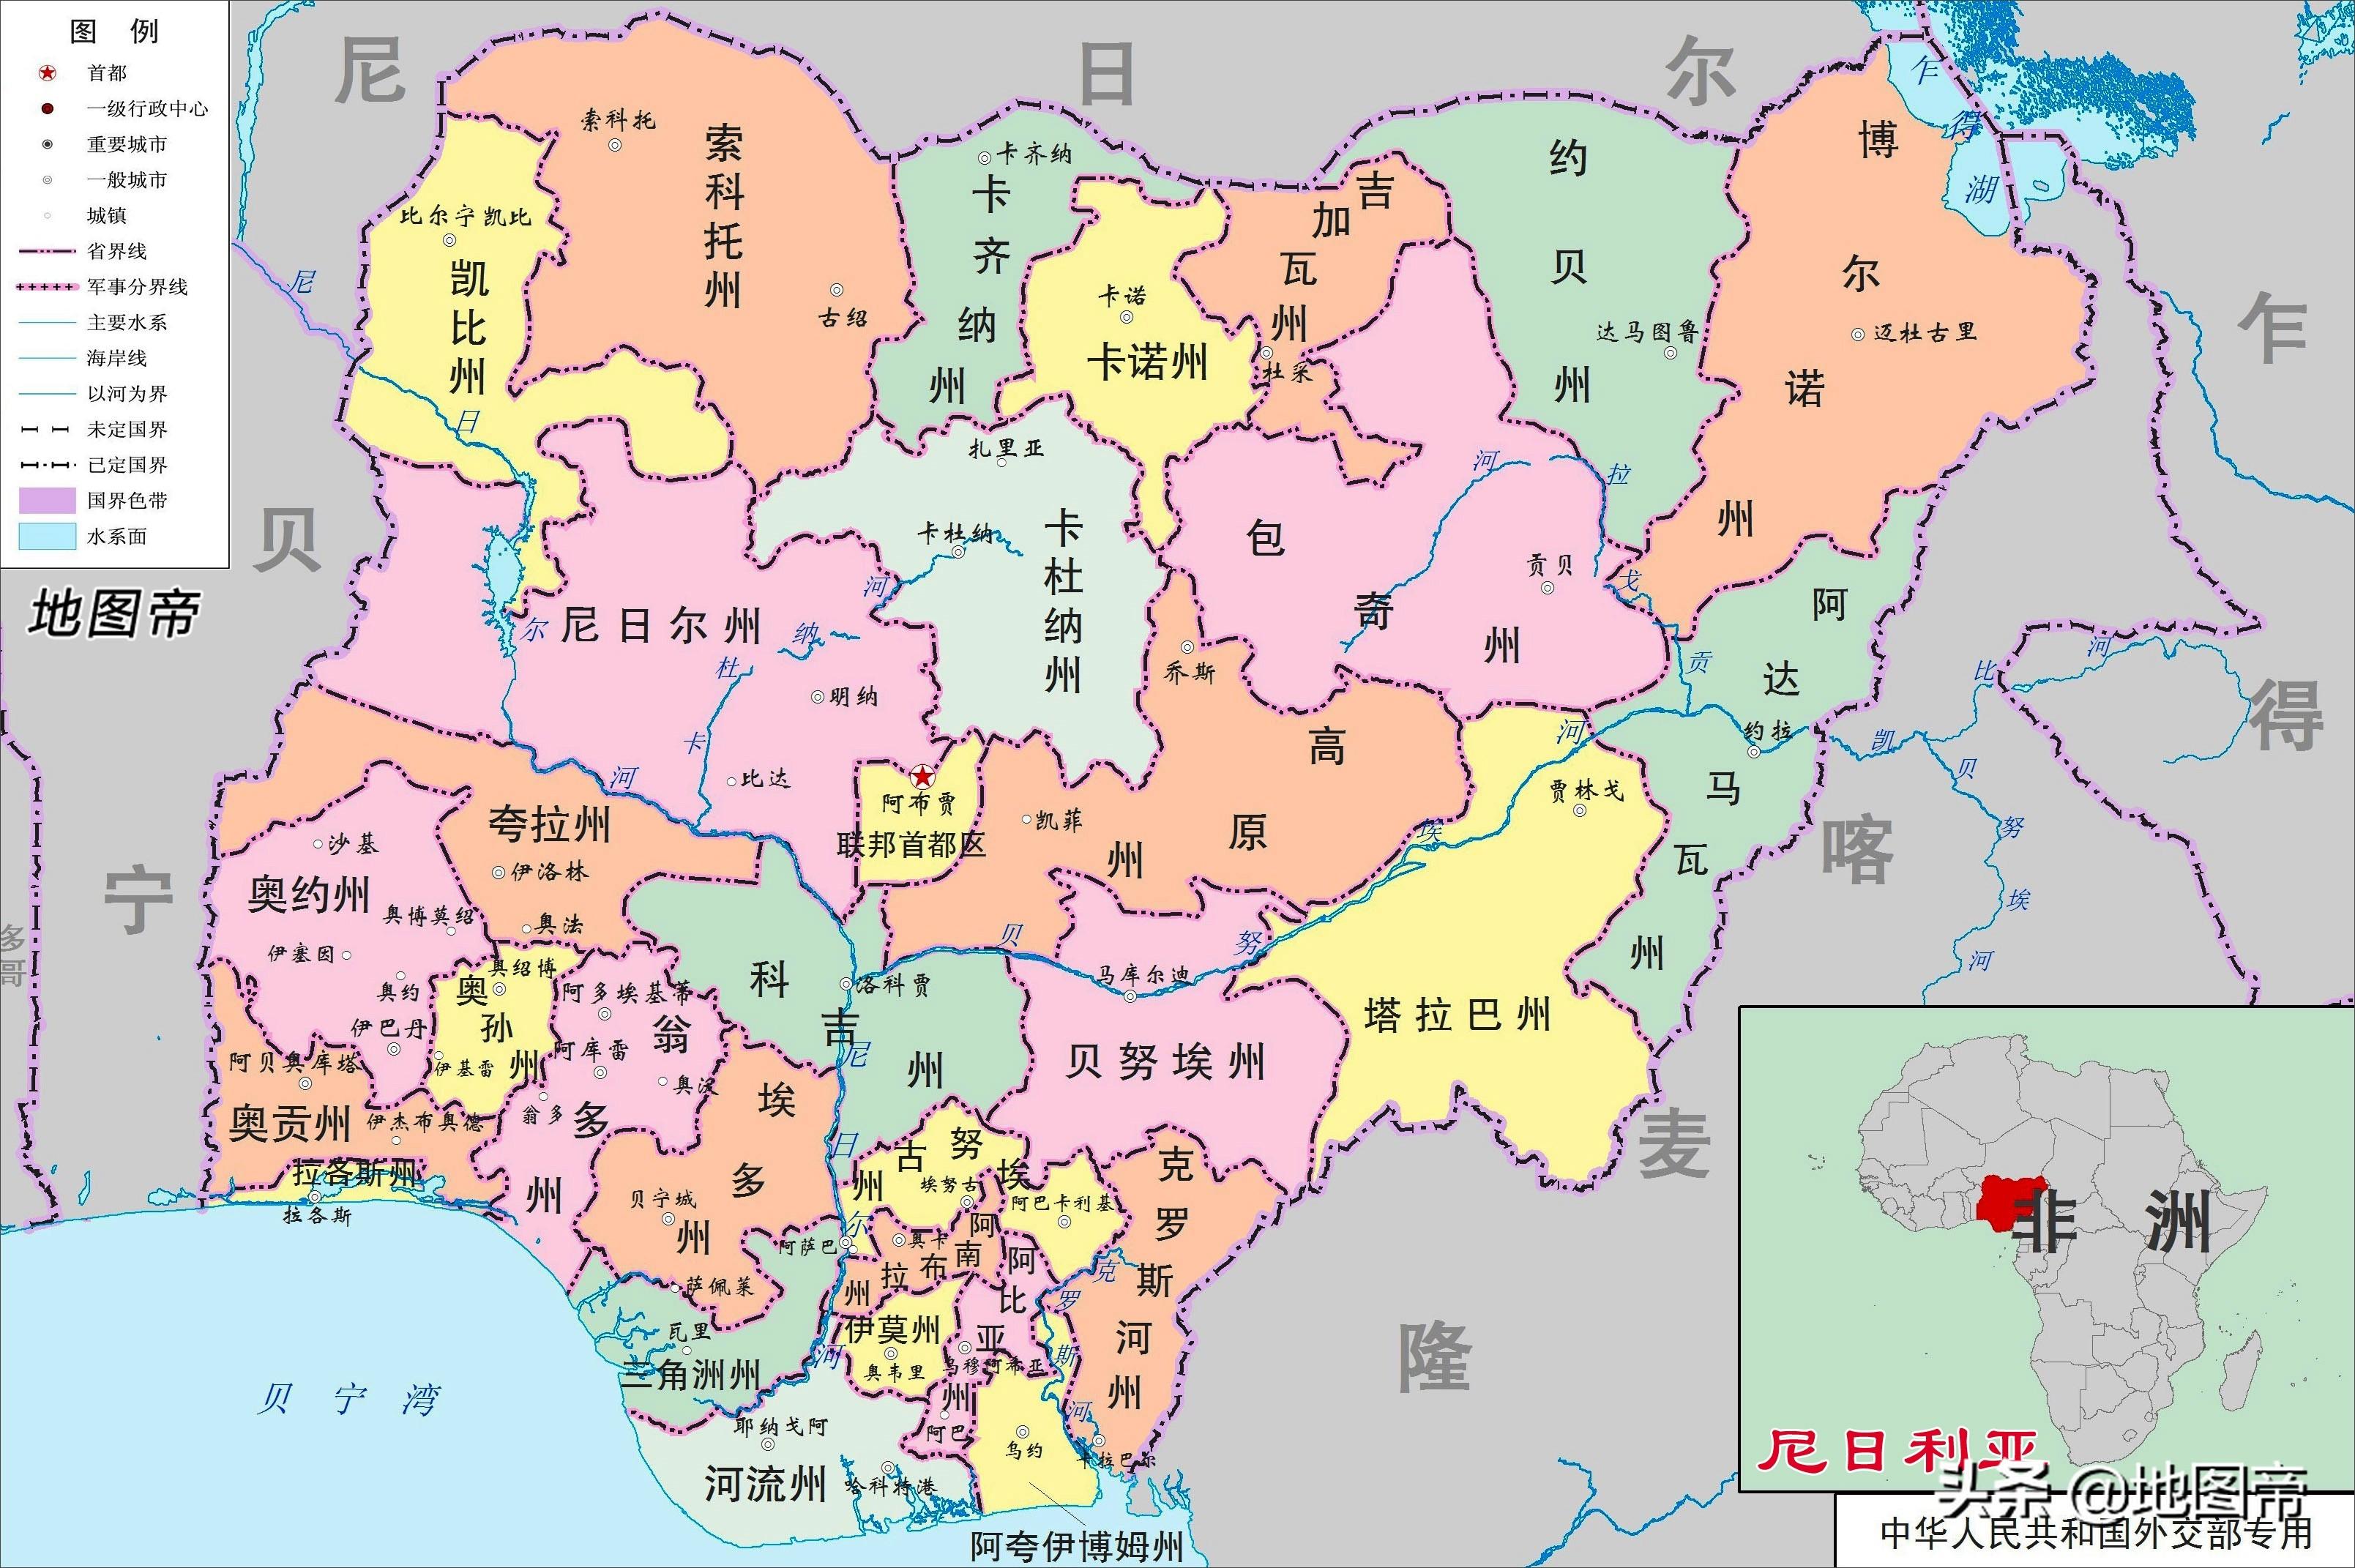 尼日利亚面积不到100万平方公里,为何人口超过2亿?